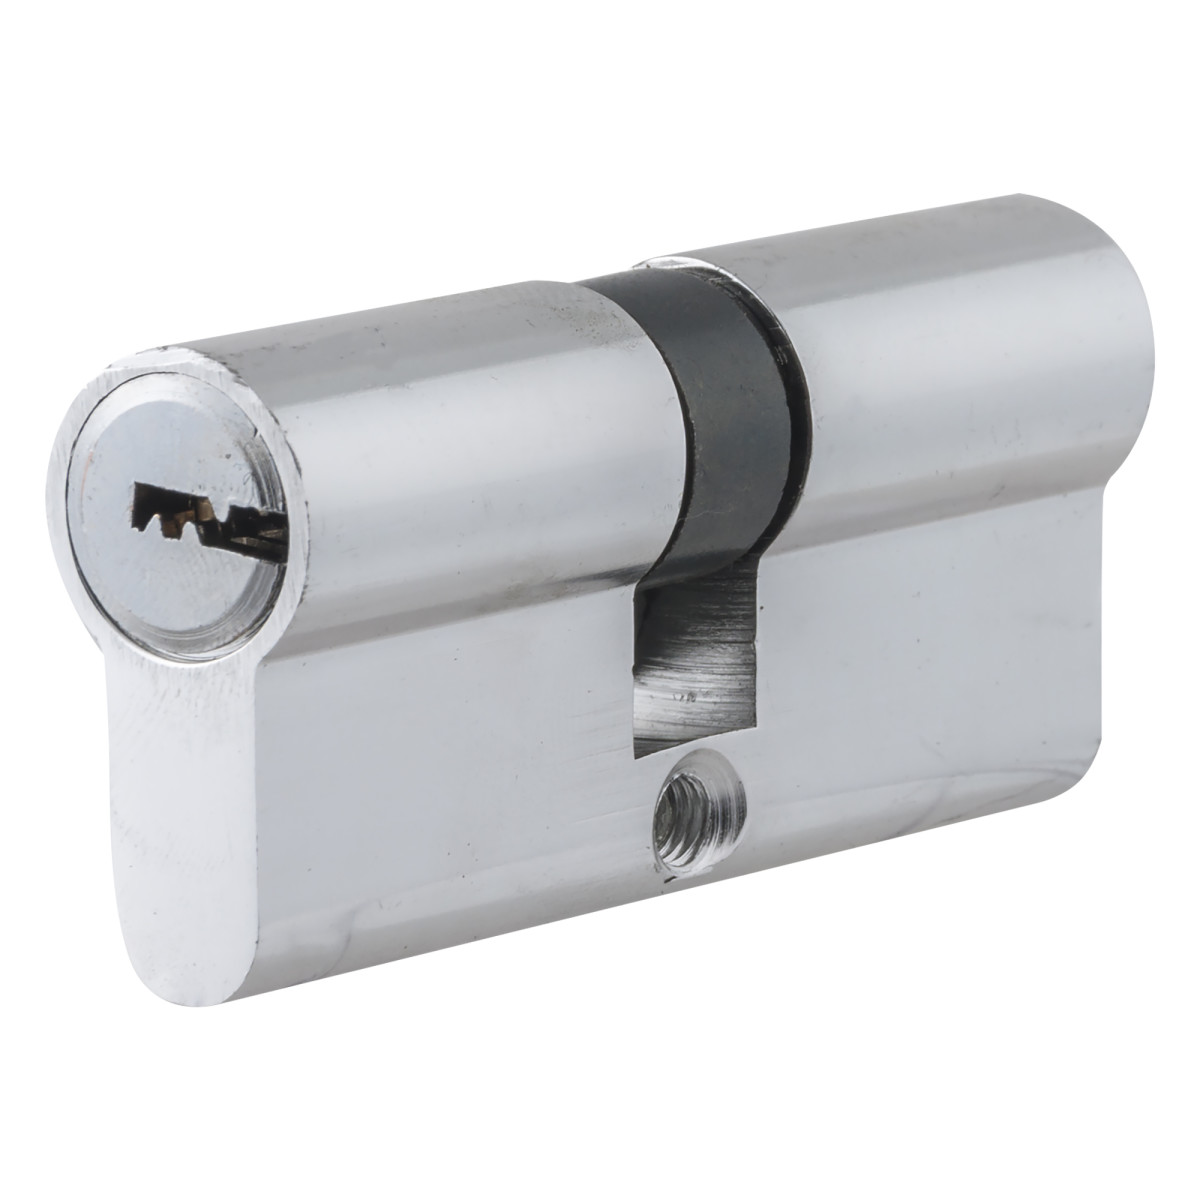 Цилиндр Standers ключ/ключ 35х35 хром TT-CAB805